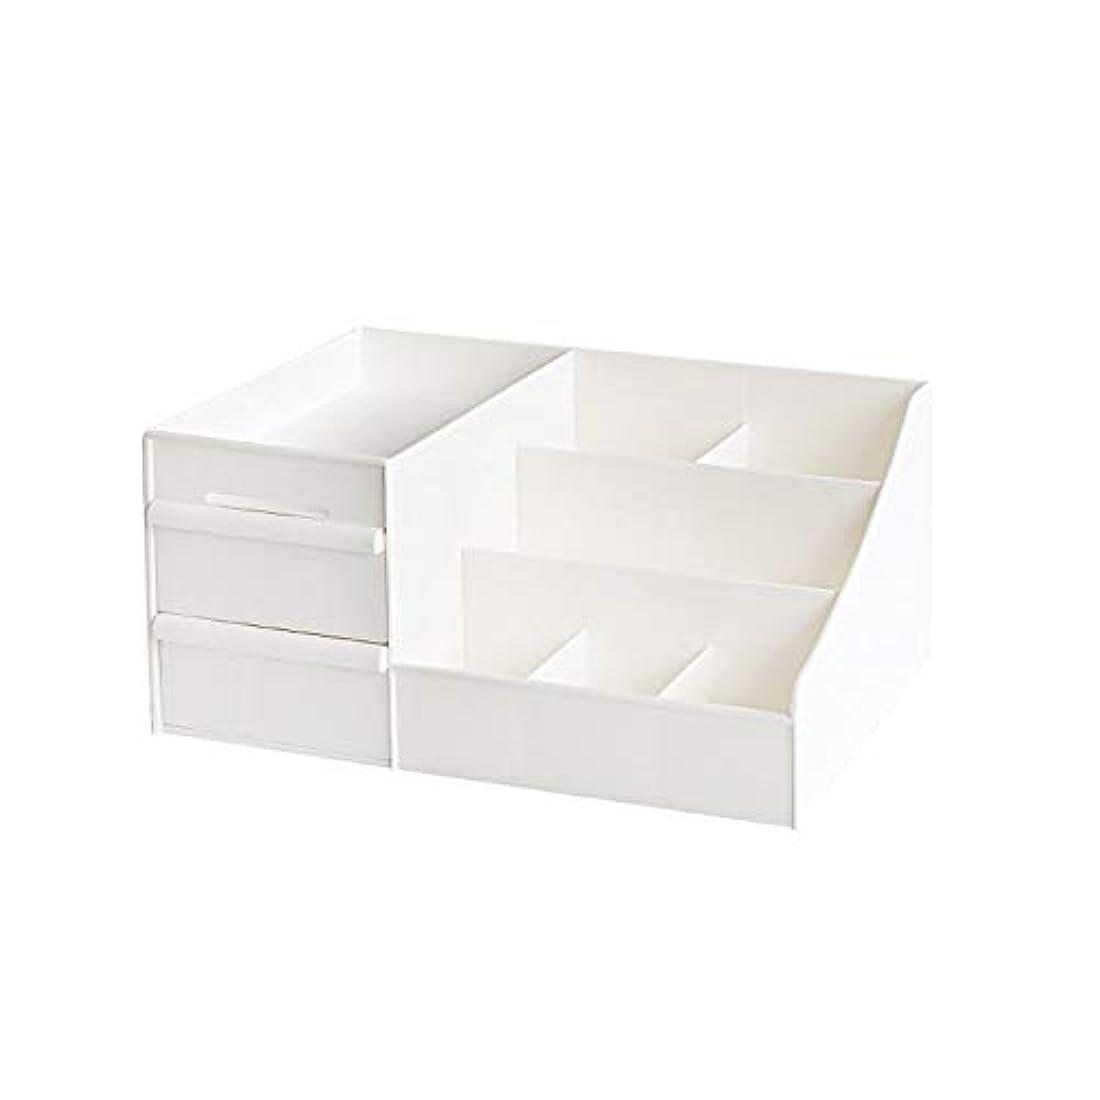 体系的にコテージ肌寒いBostar 化粧品収納ボックス メイクボックス コスメケース 引き出し 小物入れ 収納ケース 整理簡単 レディース 北欧 おしゃれ ホワイト